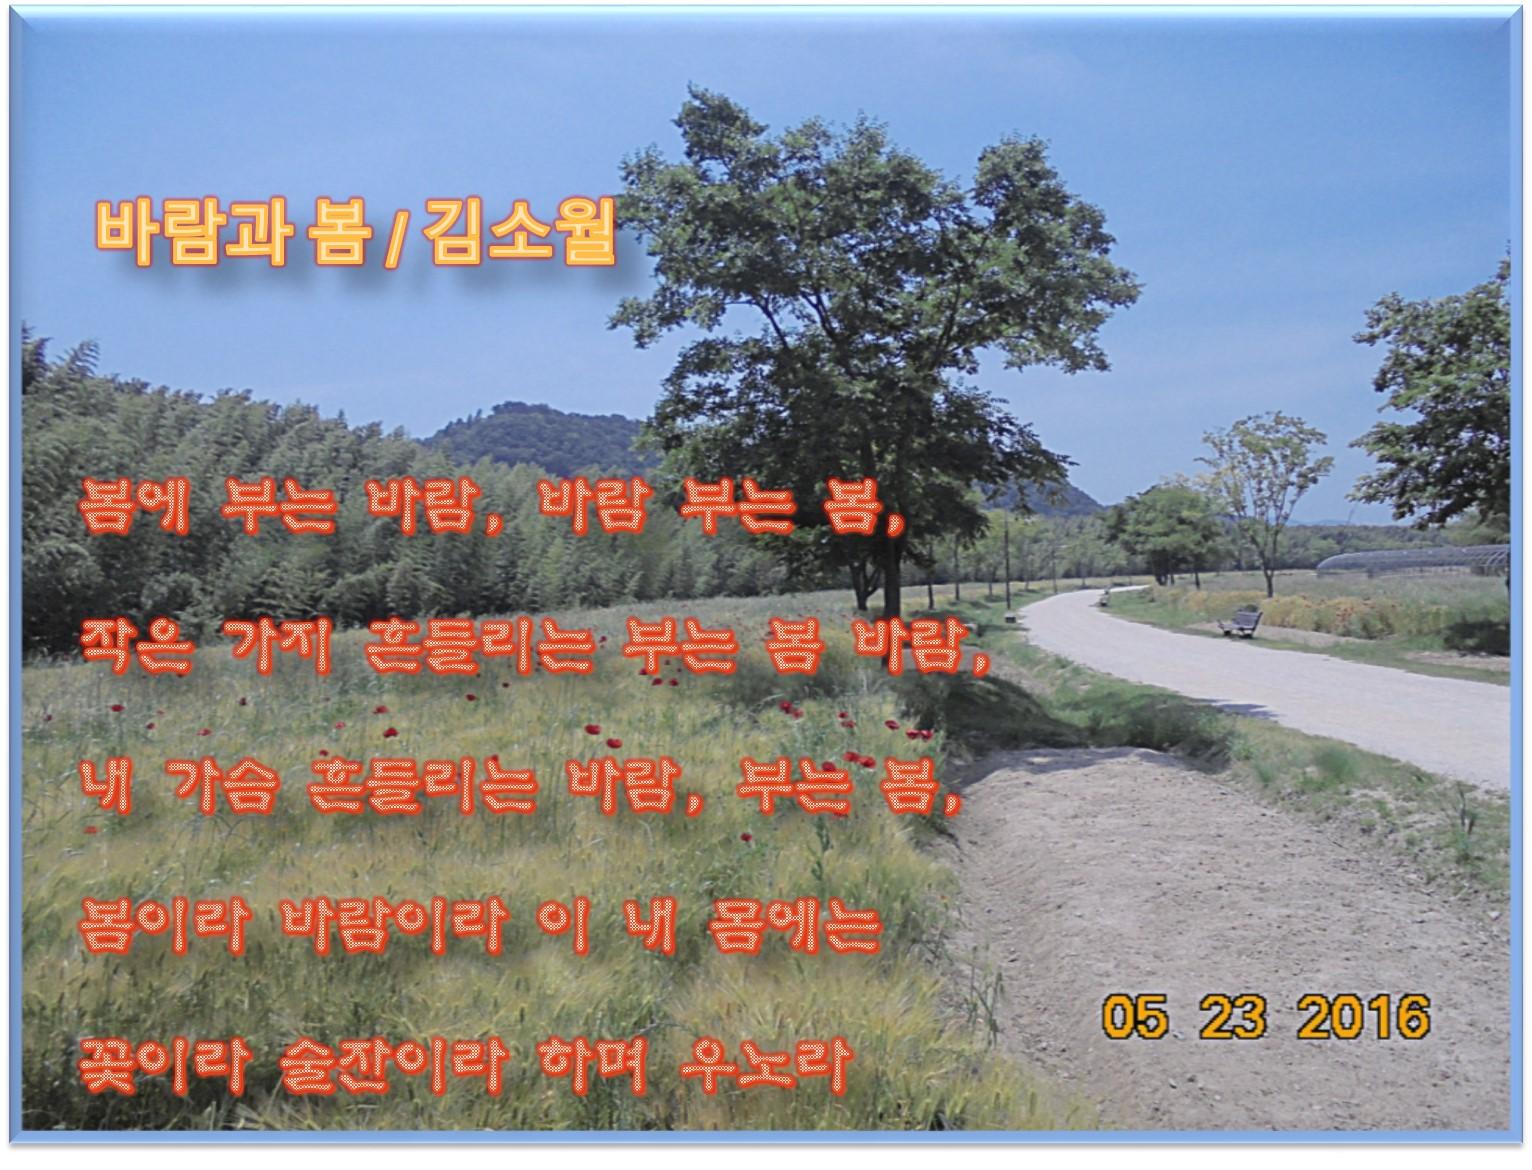 이 글은 파워포인트에서 만든 이미지입니다  바람과 봄 / 김소월